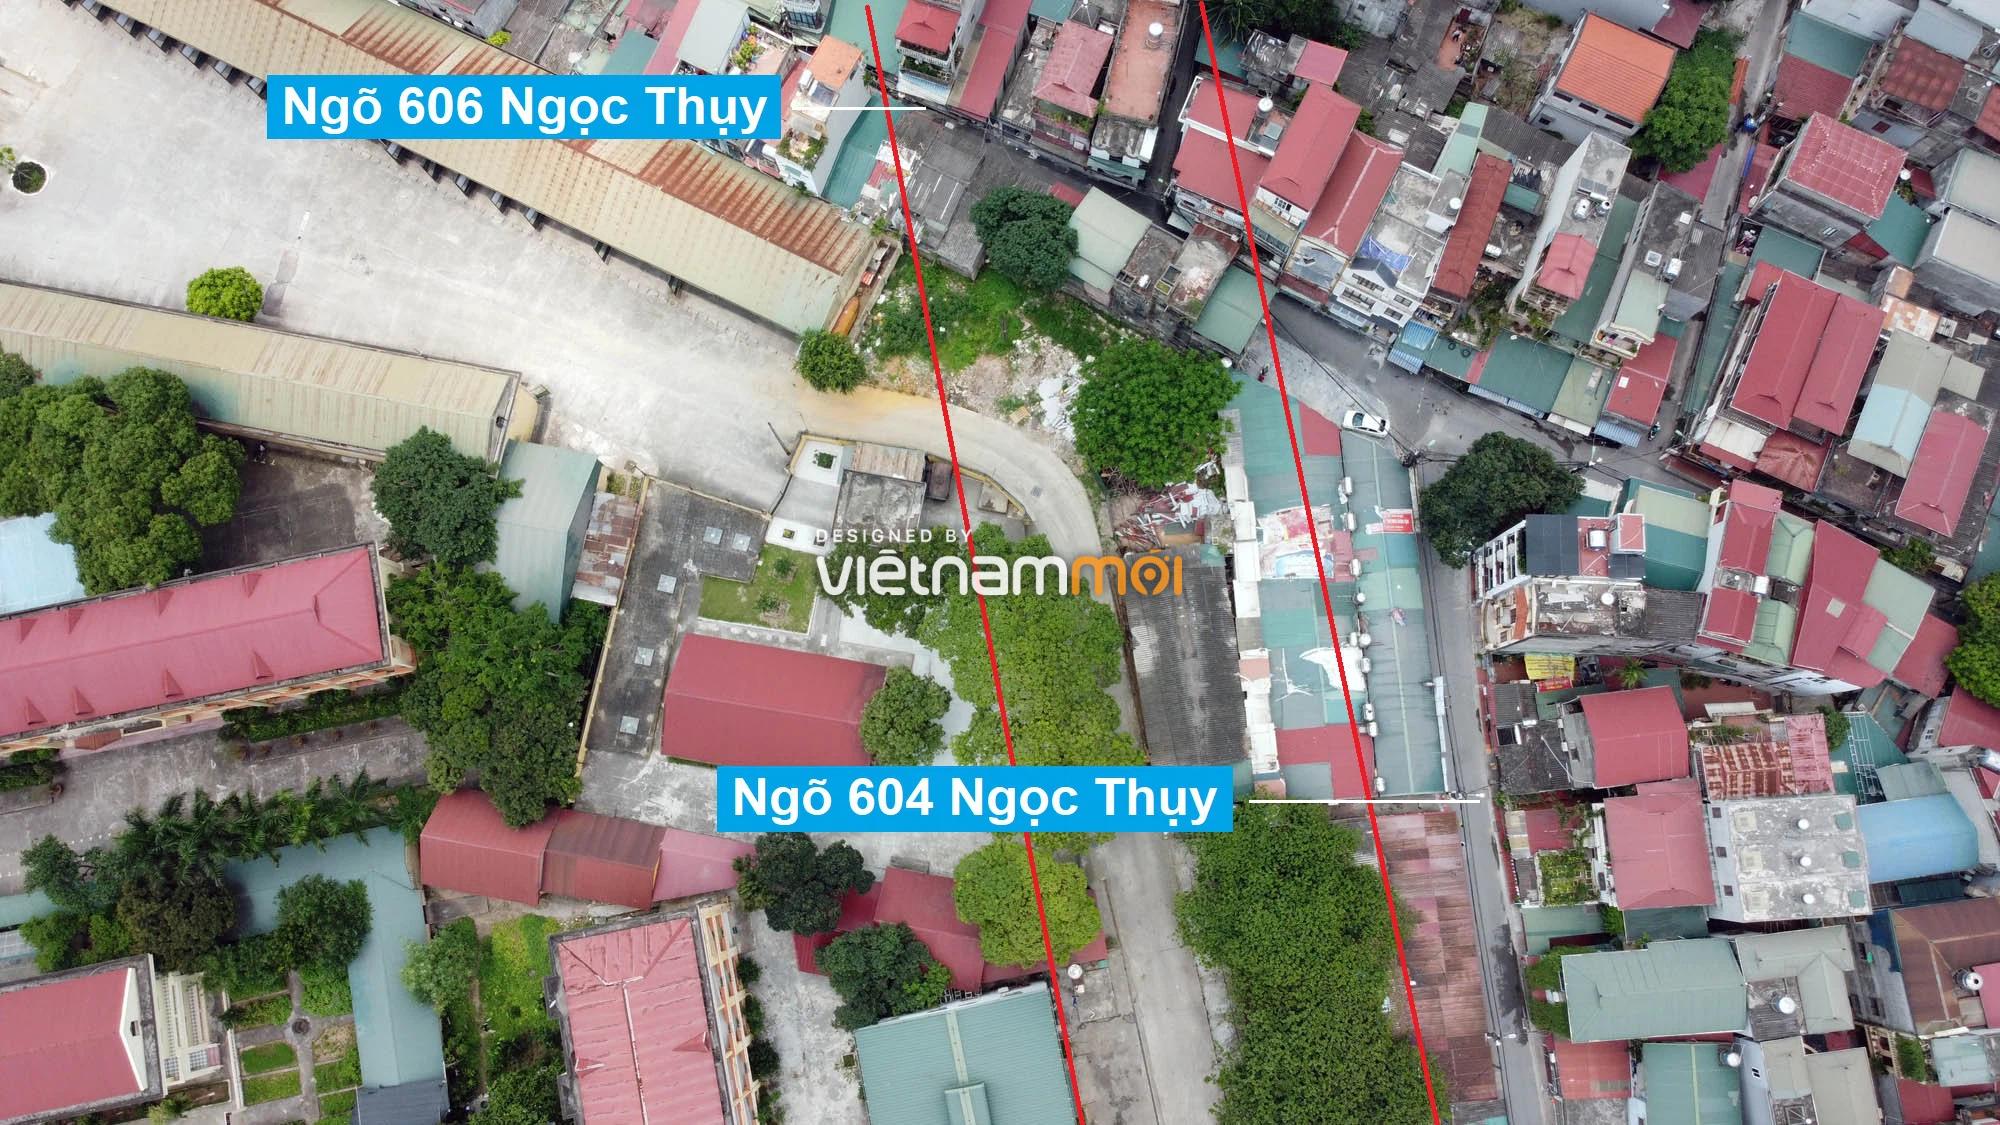 Đường sẽ mở theo quy hoạch ở phường Ngọc Thụy, Long Biên, Hà Nội (phần 5) - Ảnh 3.